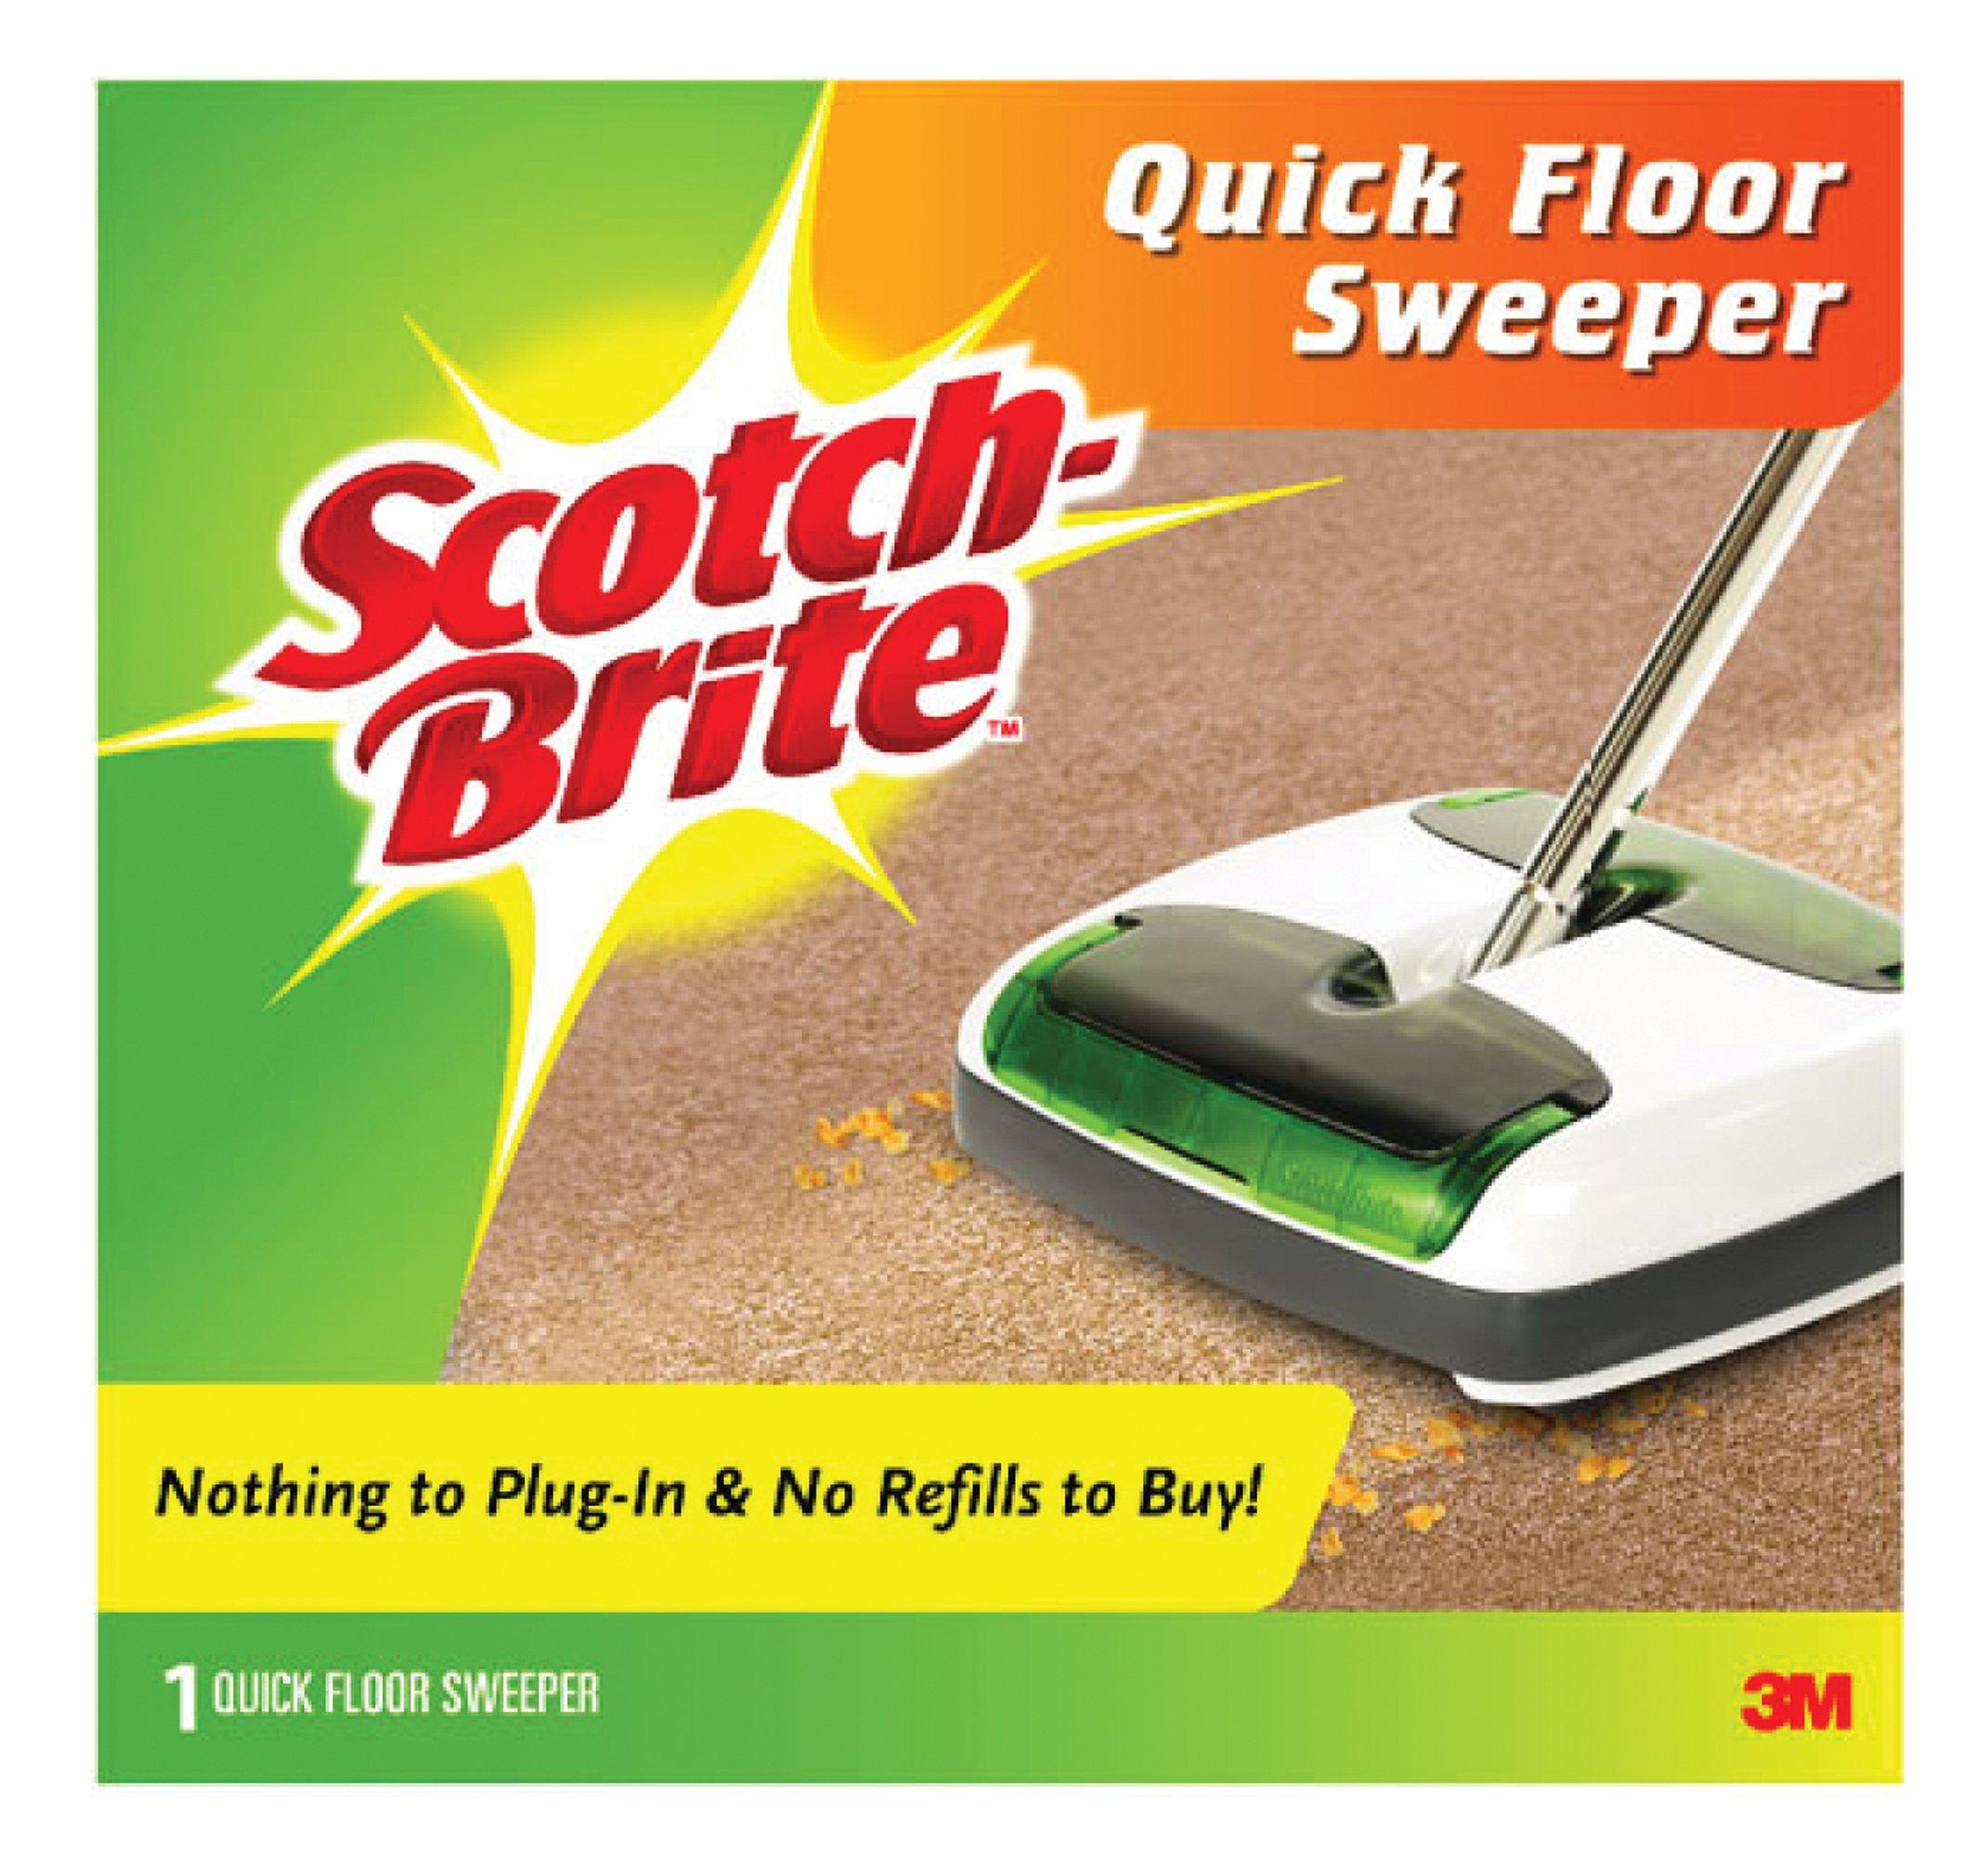 Scotch-Brite Quick Floor Sweeper M-007-CCW, 1-Count by Scotch-Brite